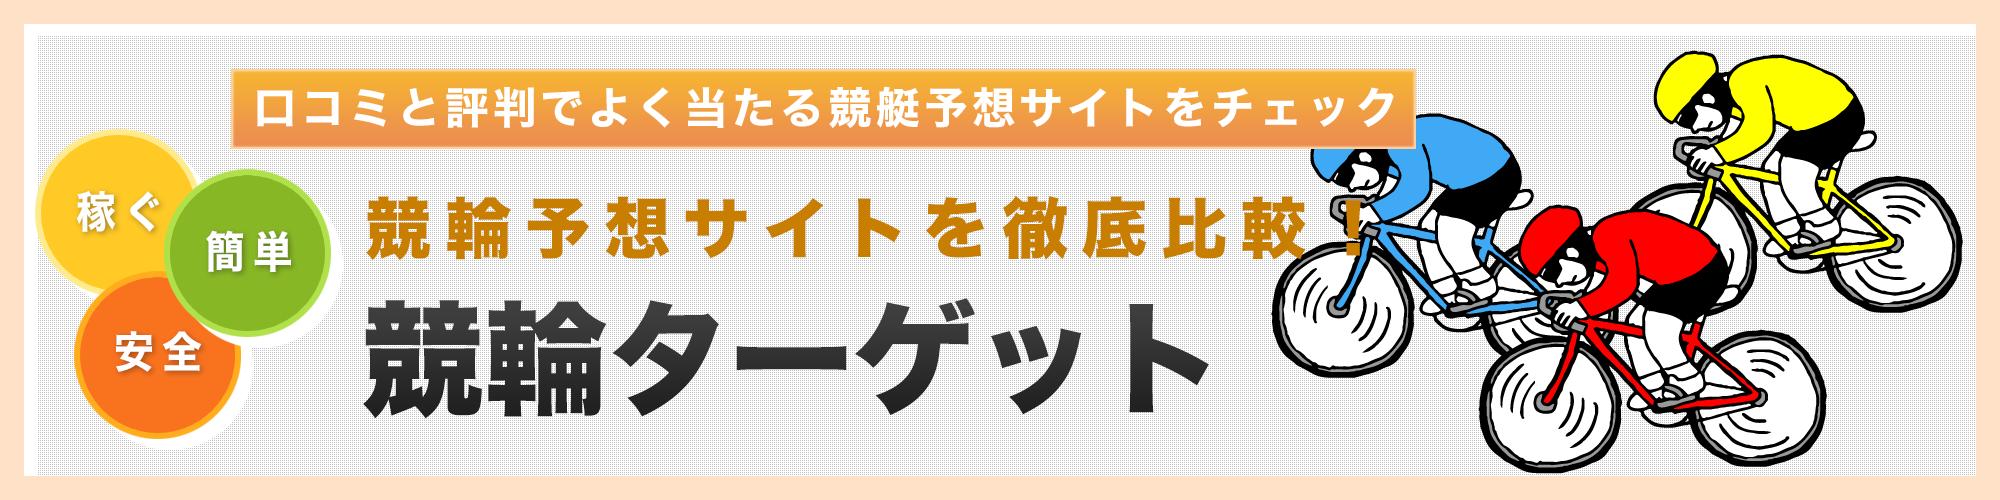 【競輪予想ターゲット】口コミと評判でよく当たる予想サイトがチェックできます!